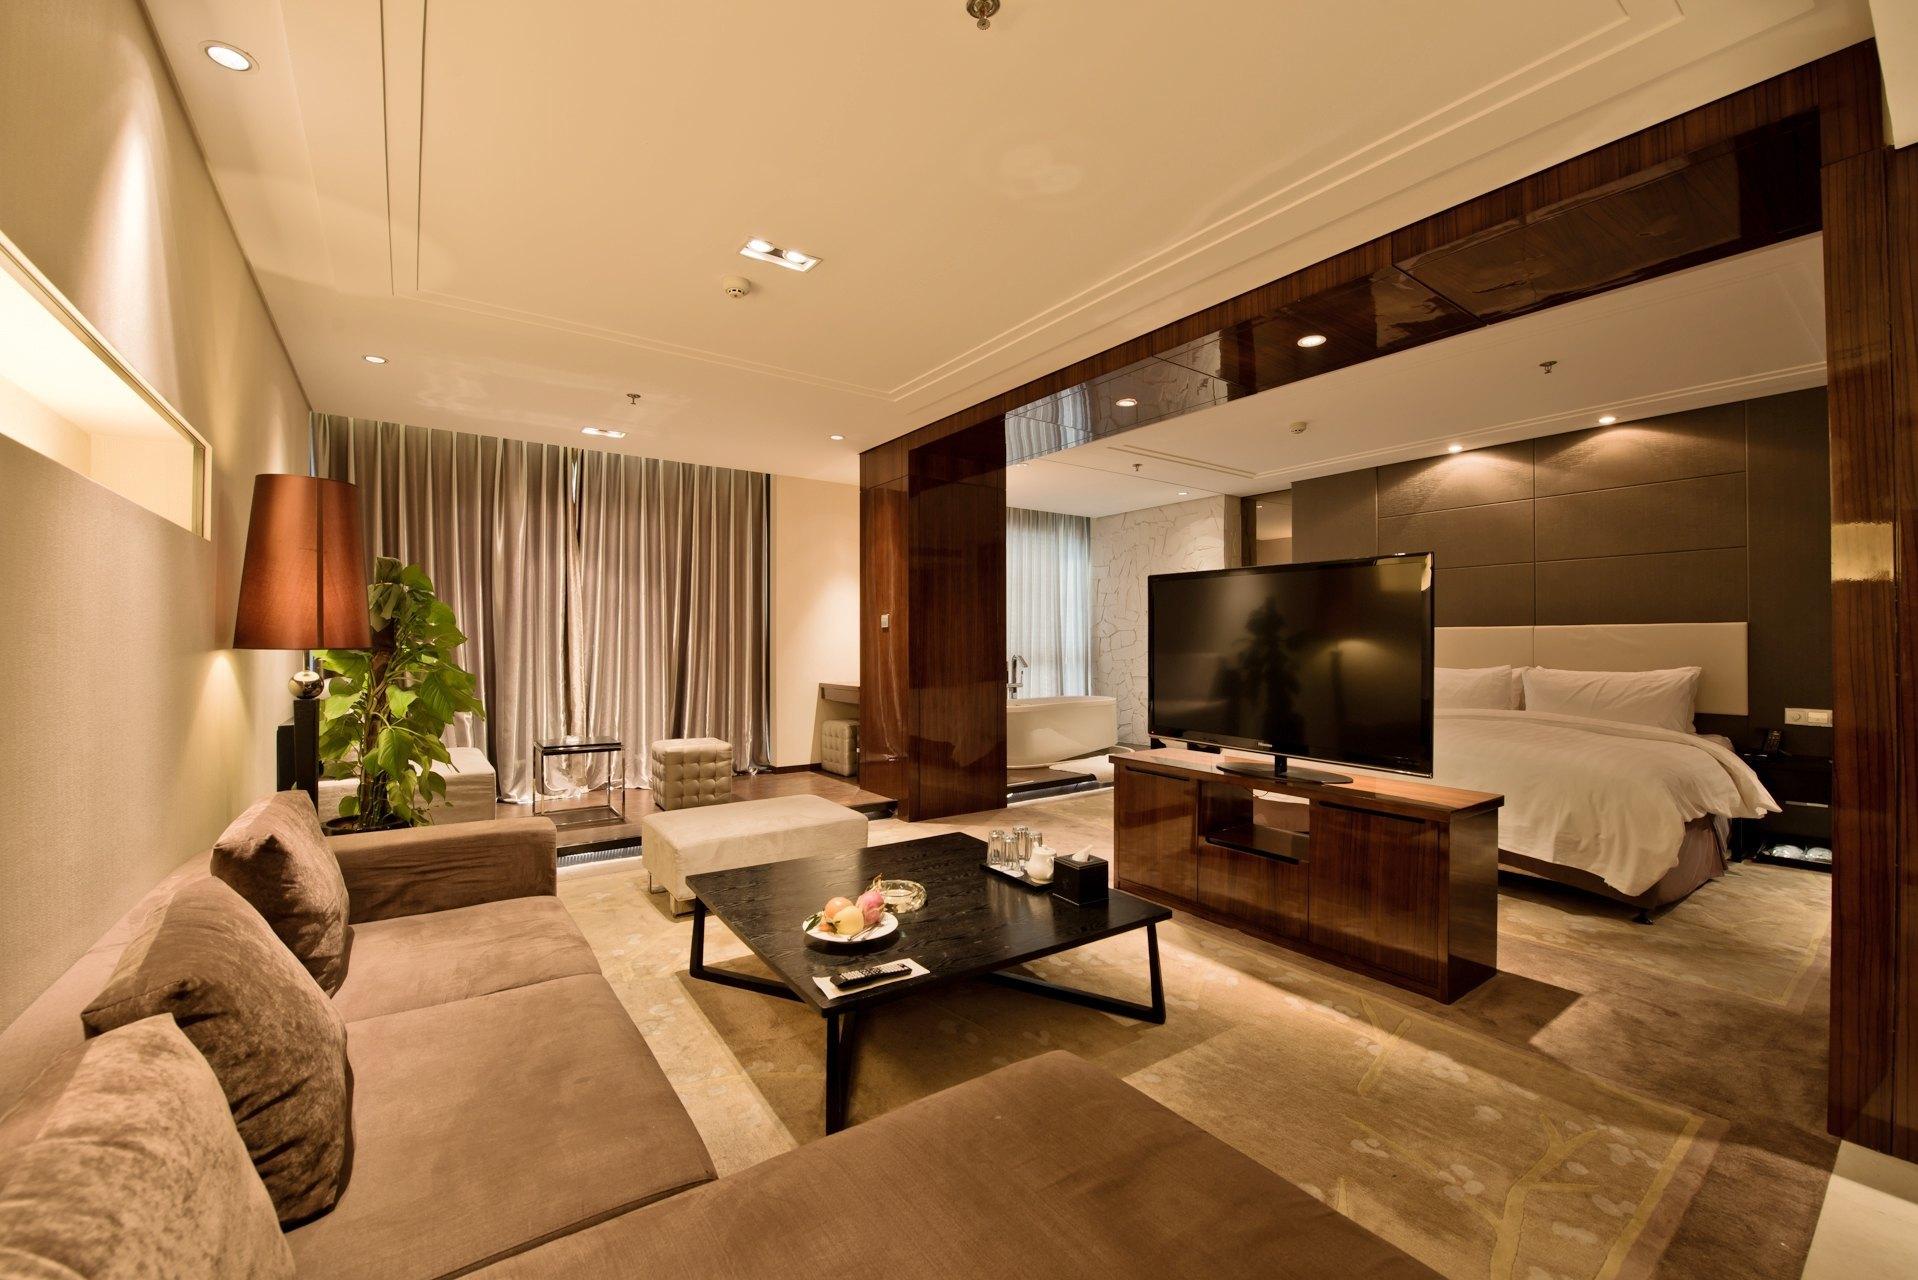 160平方套房装修设计